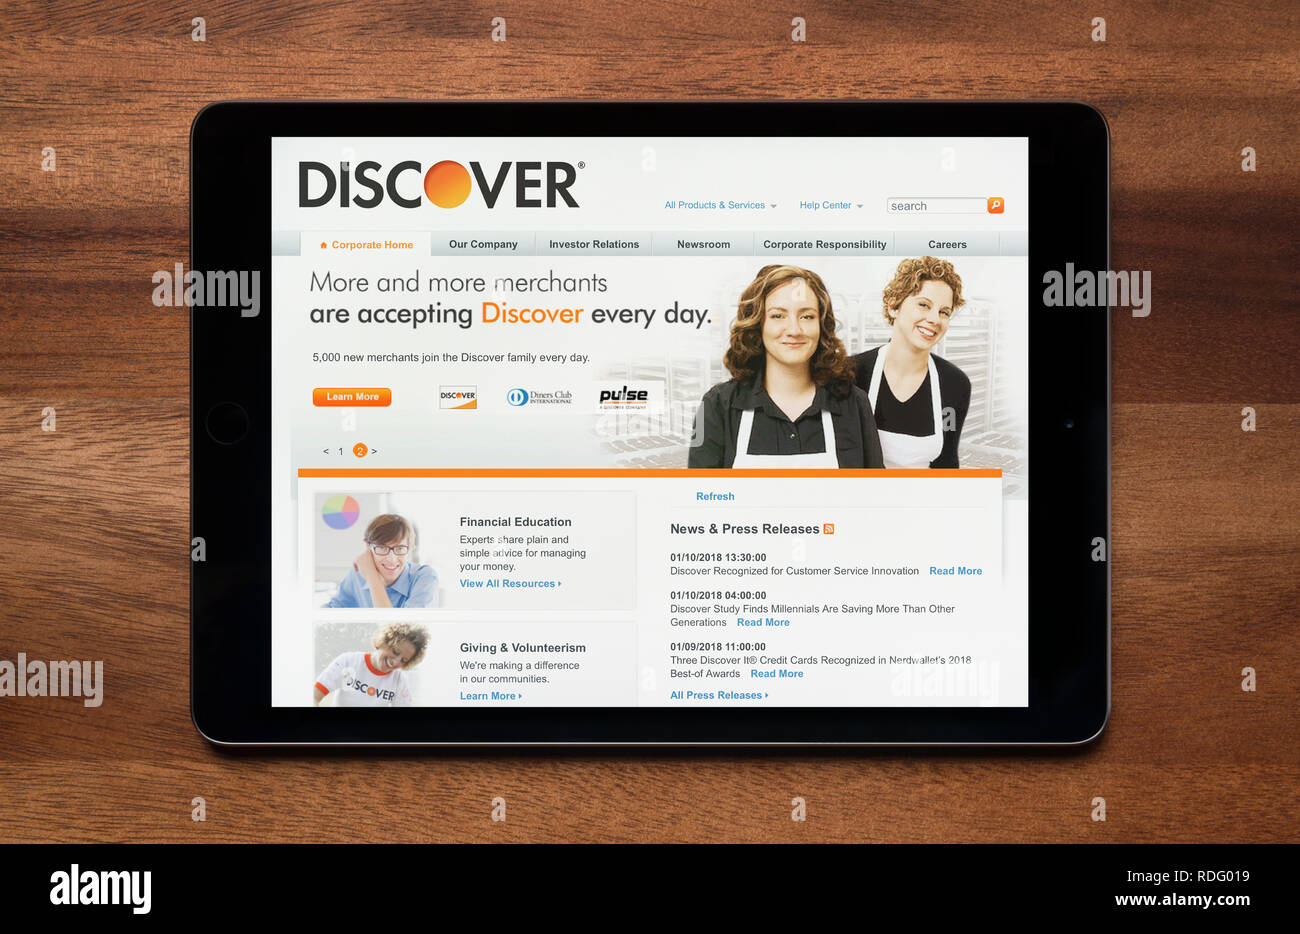 Découvrez le site internet de banque est vu sur une tablette iPad, qui repose sur une table en bois (usage éditorial uniquement). Photo Stock